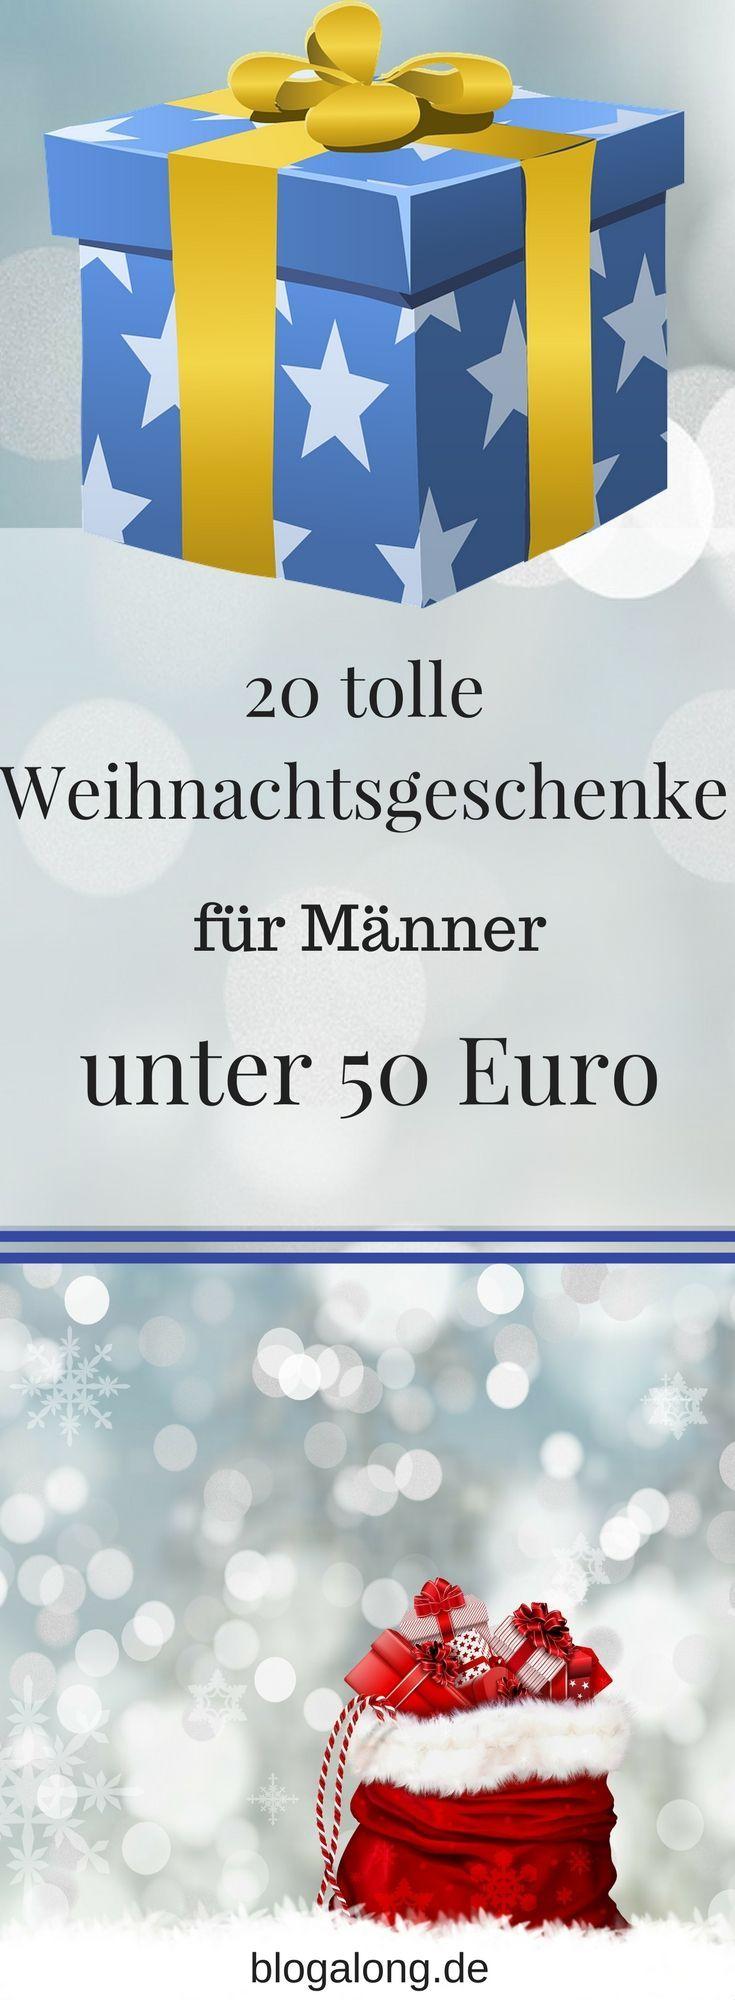 21+ Geschenk 50 euro mann ideen